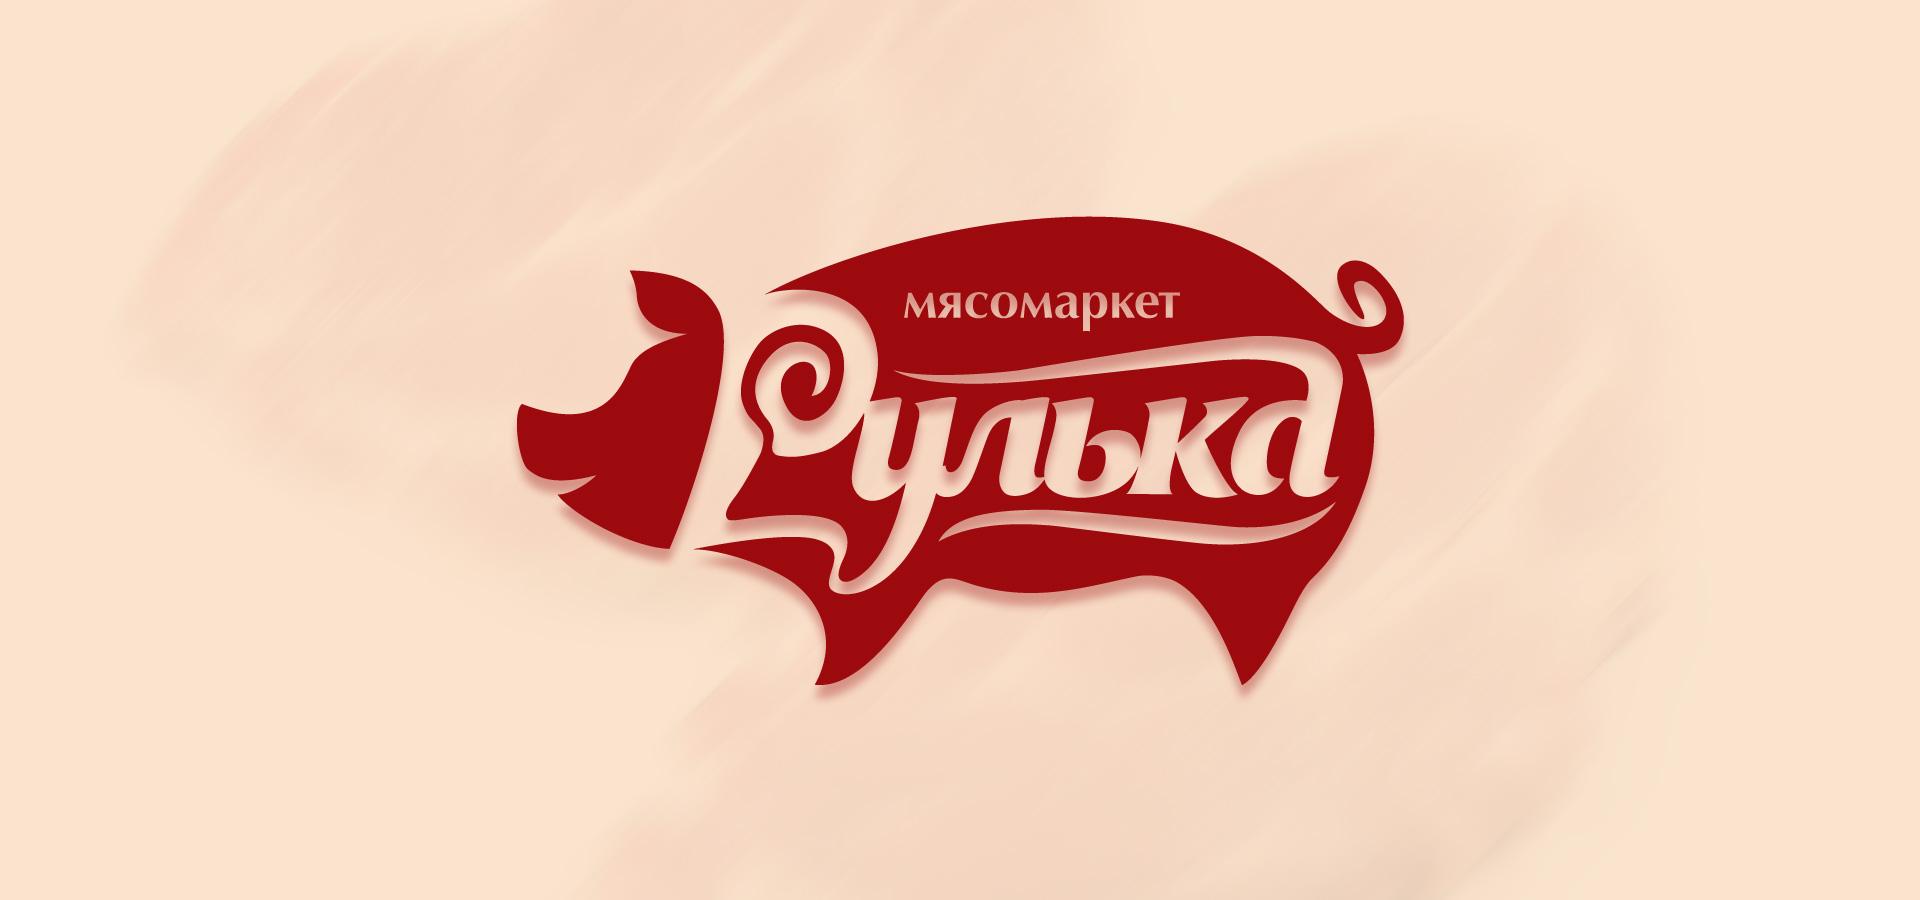 картинки мясных логотипов есть небольшая